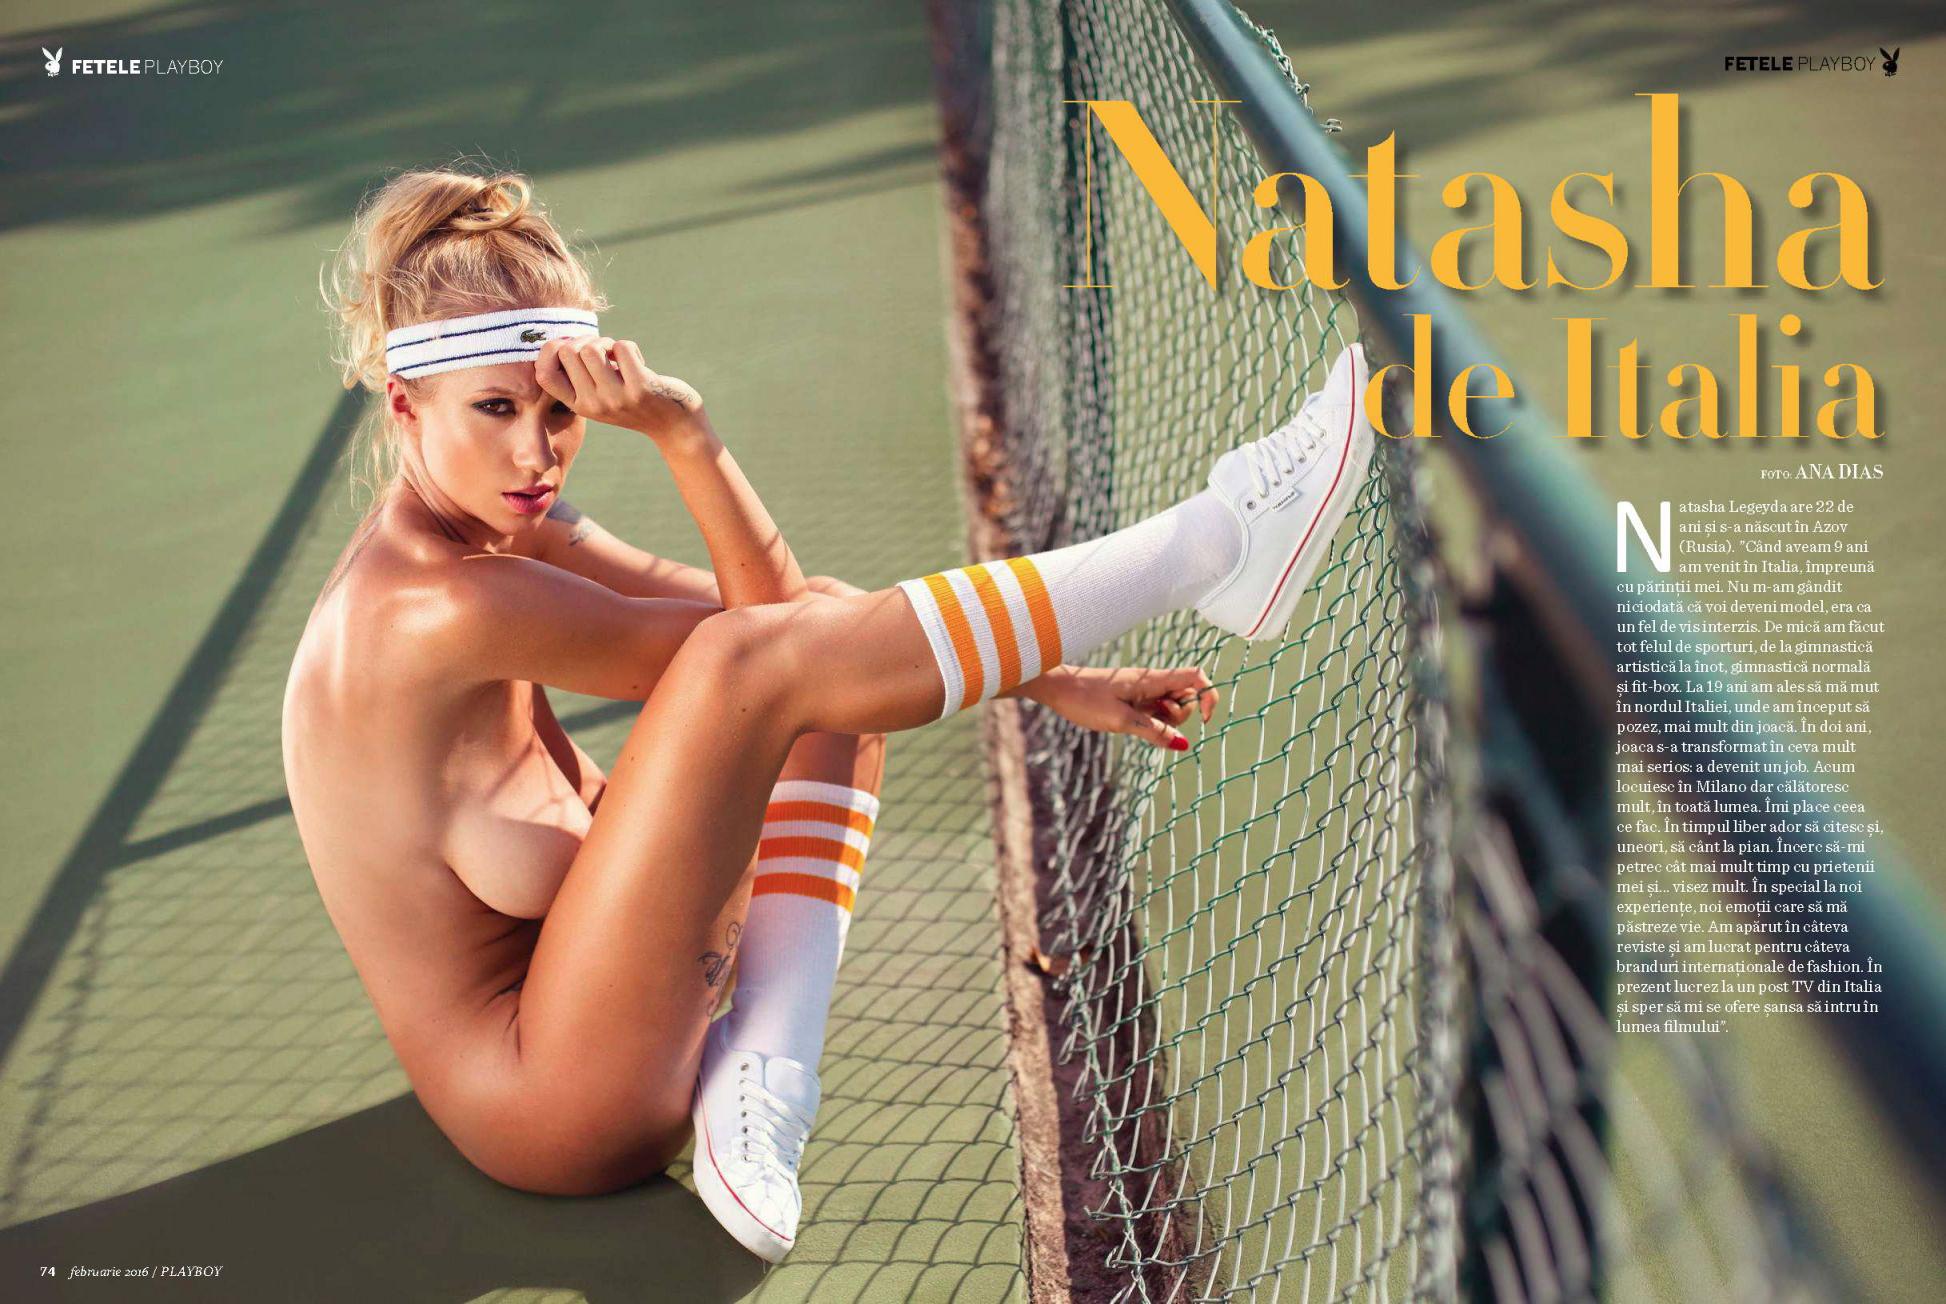 Natasha-Legeyda-Nude-1